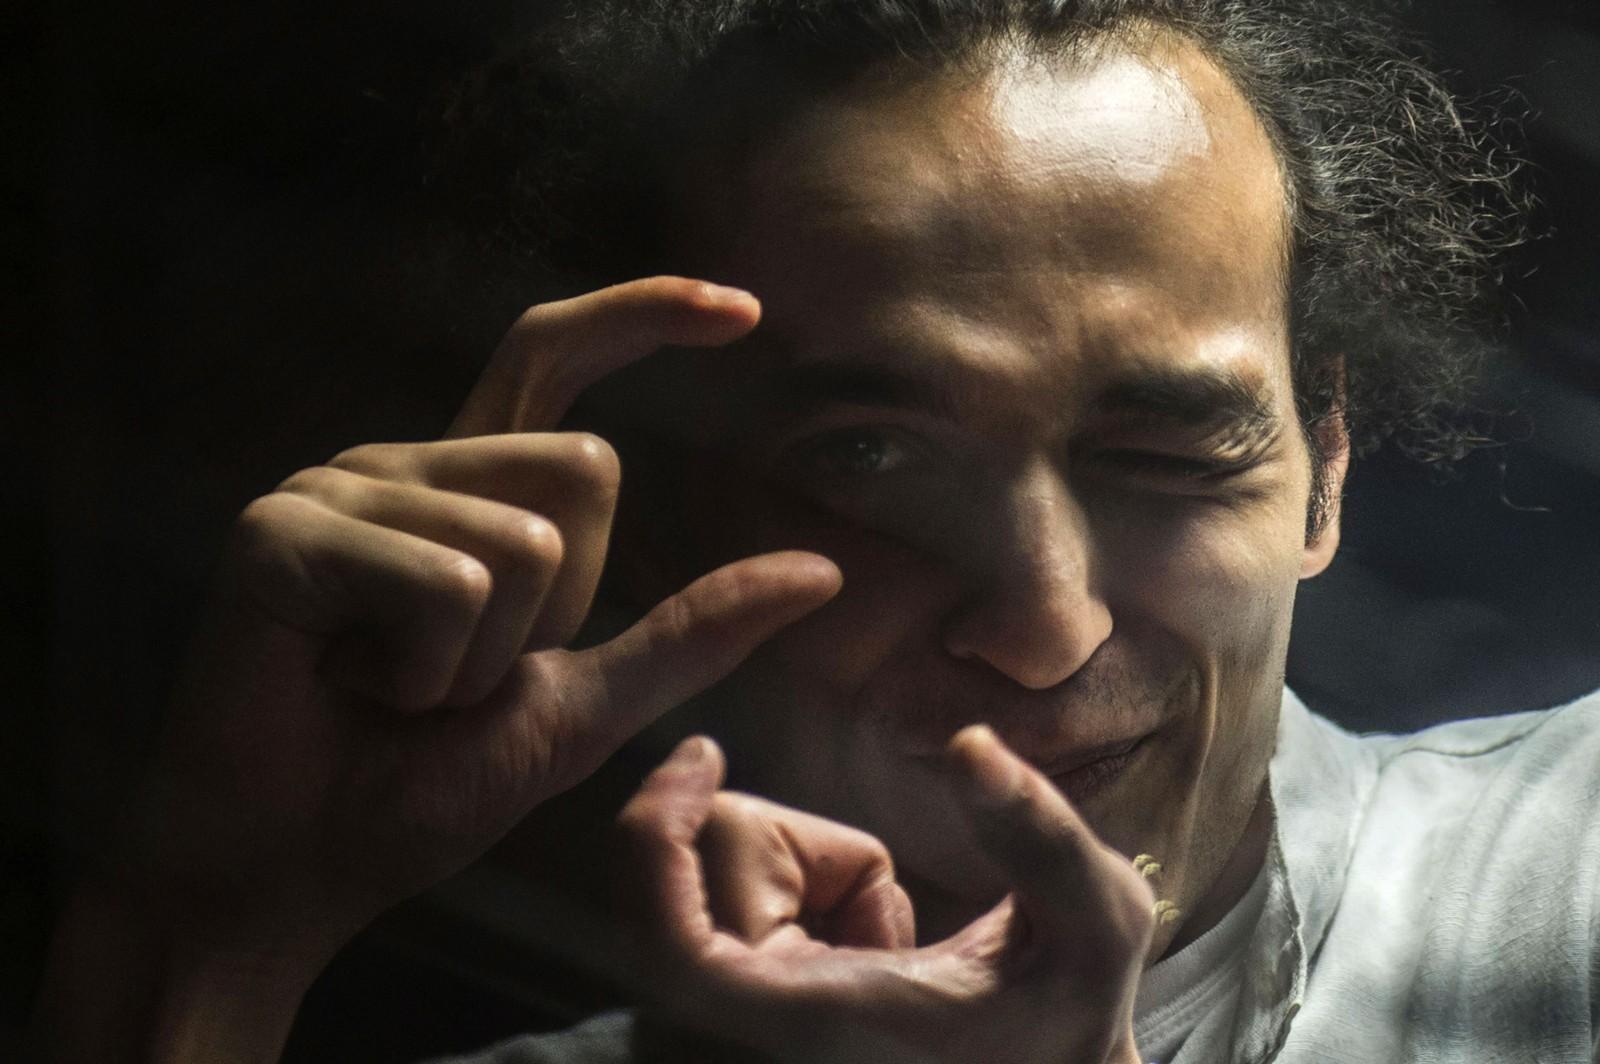 Den egyptiske fotografen Mahmoud Abdel Shakour, kjent som Shawkan, tar et bilde med et usynlig kamera i Kairo den 9. august. Han står i et glassbur mens han venter på at rettssaken mot han skal starte. Han har sittet i fengsel i tre år etter at han tok bilder av politiet da de ryddet en islamistisk demonstrasjonsleir. Flere utenlandske journalister ble også arrestert, men de er sluppet fri. Shawkan risikerer nå dødsstraff. Han har tidligere tatt bilder for BBC, Time, Die Zeit og Bild.